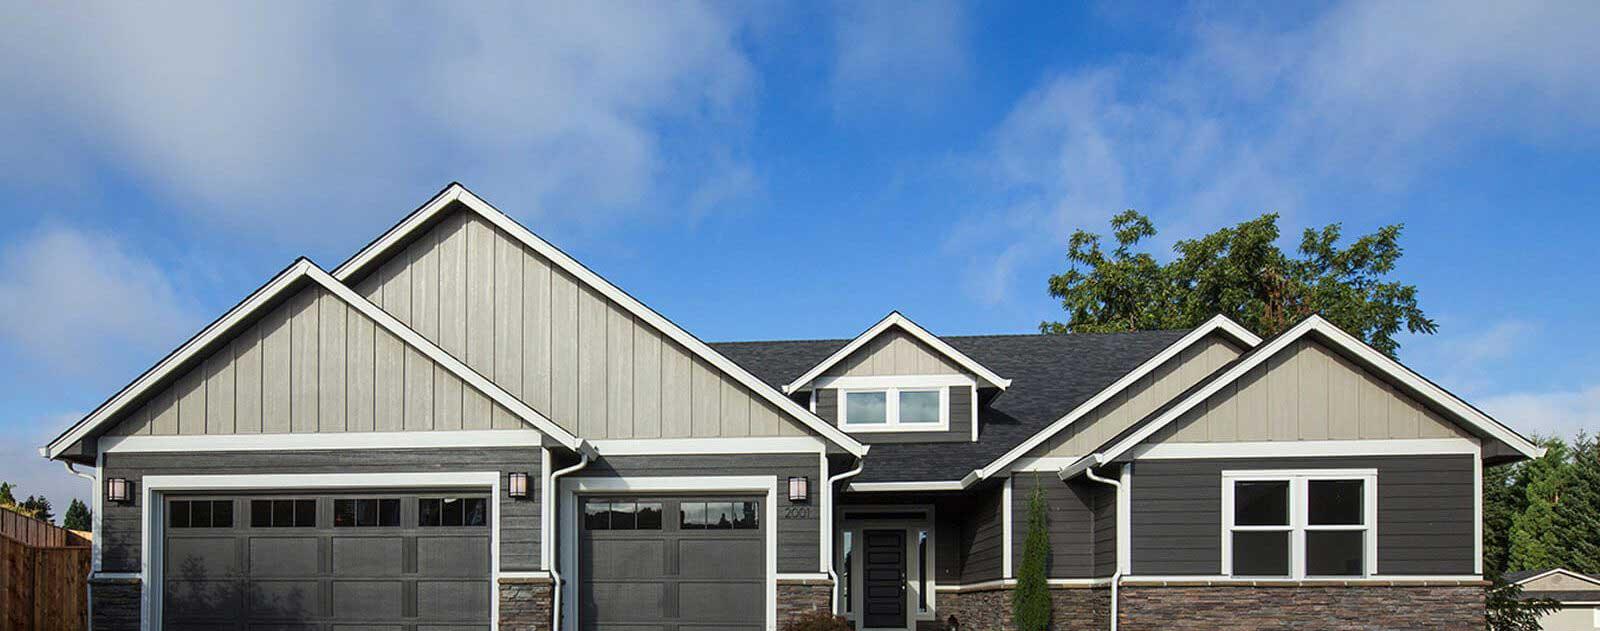 home improvement krech exteriors inver grove heights mn inver grove heights basement finish traditional